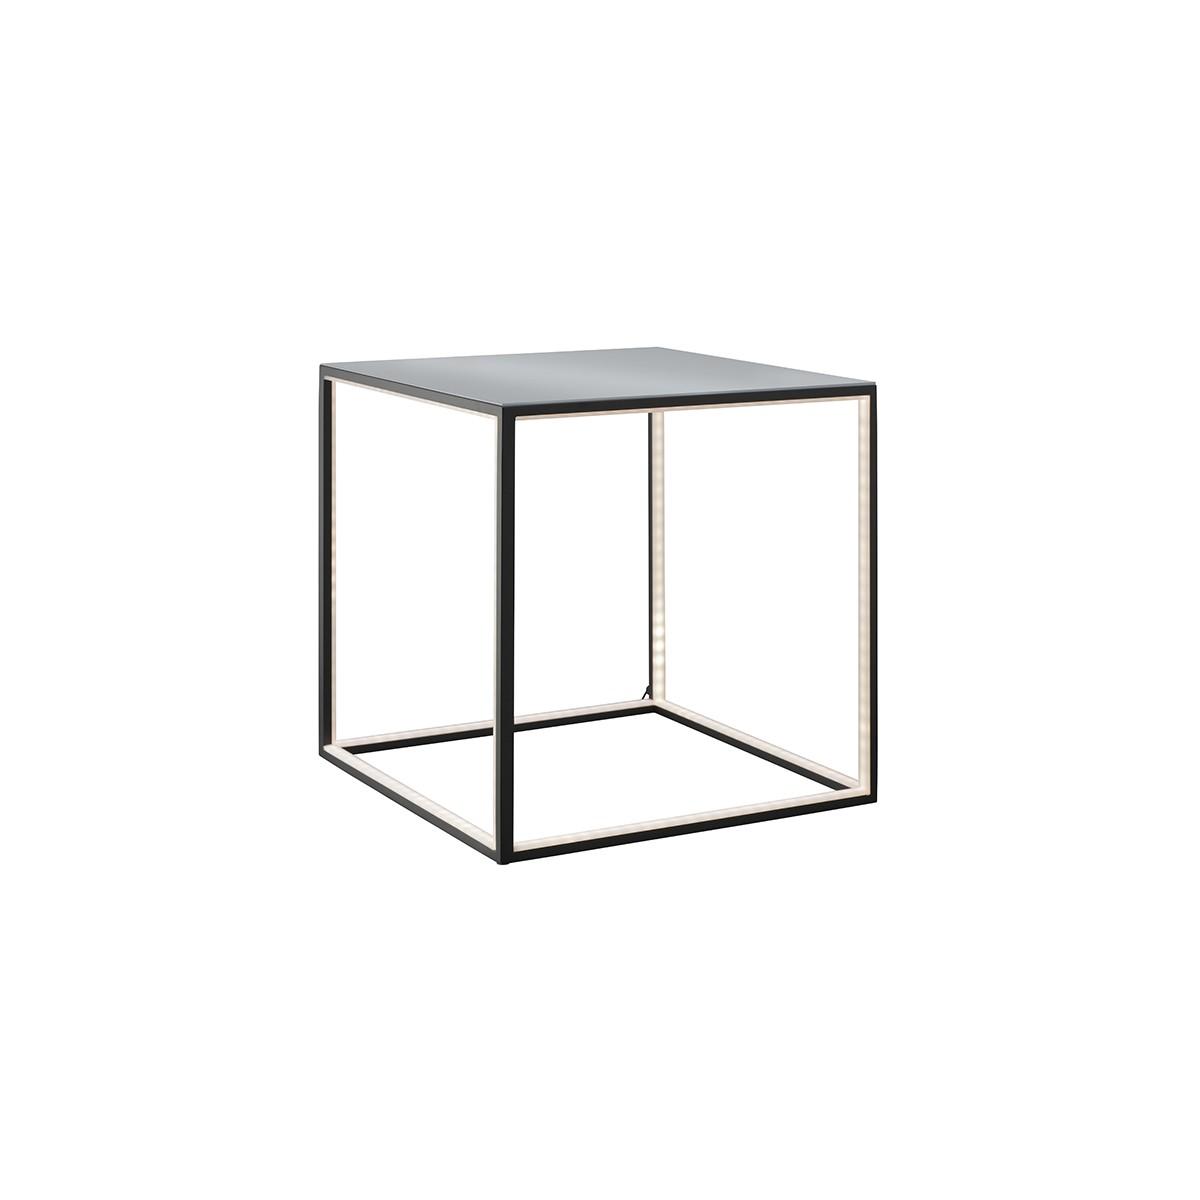 Sompex Delux LED Stehleuchte 42 x 42 cm, schwarz, Glas: gefrostet